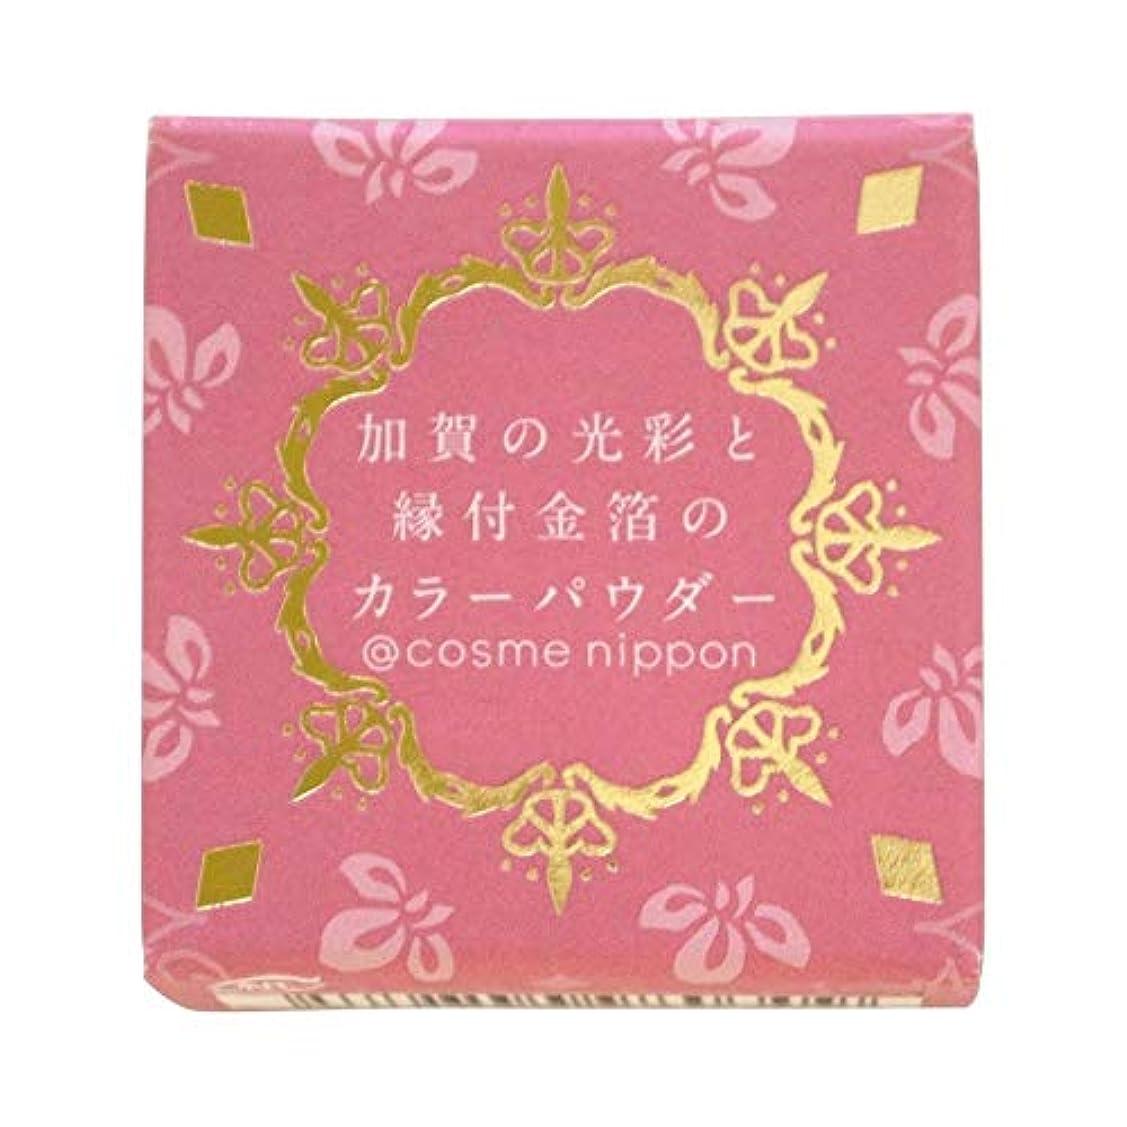 農学乱気流年友禅工芸 すずらん加賀の光彩と縁付け金箔のカラーパウダー06古代紫こだいむらさき